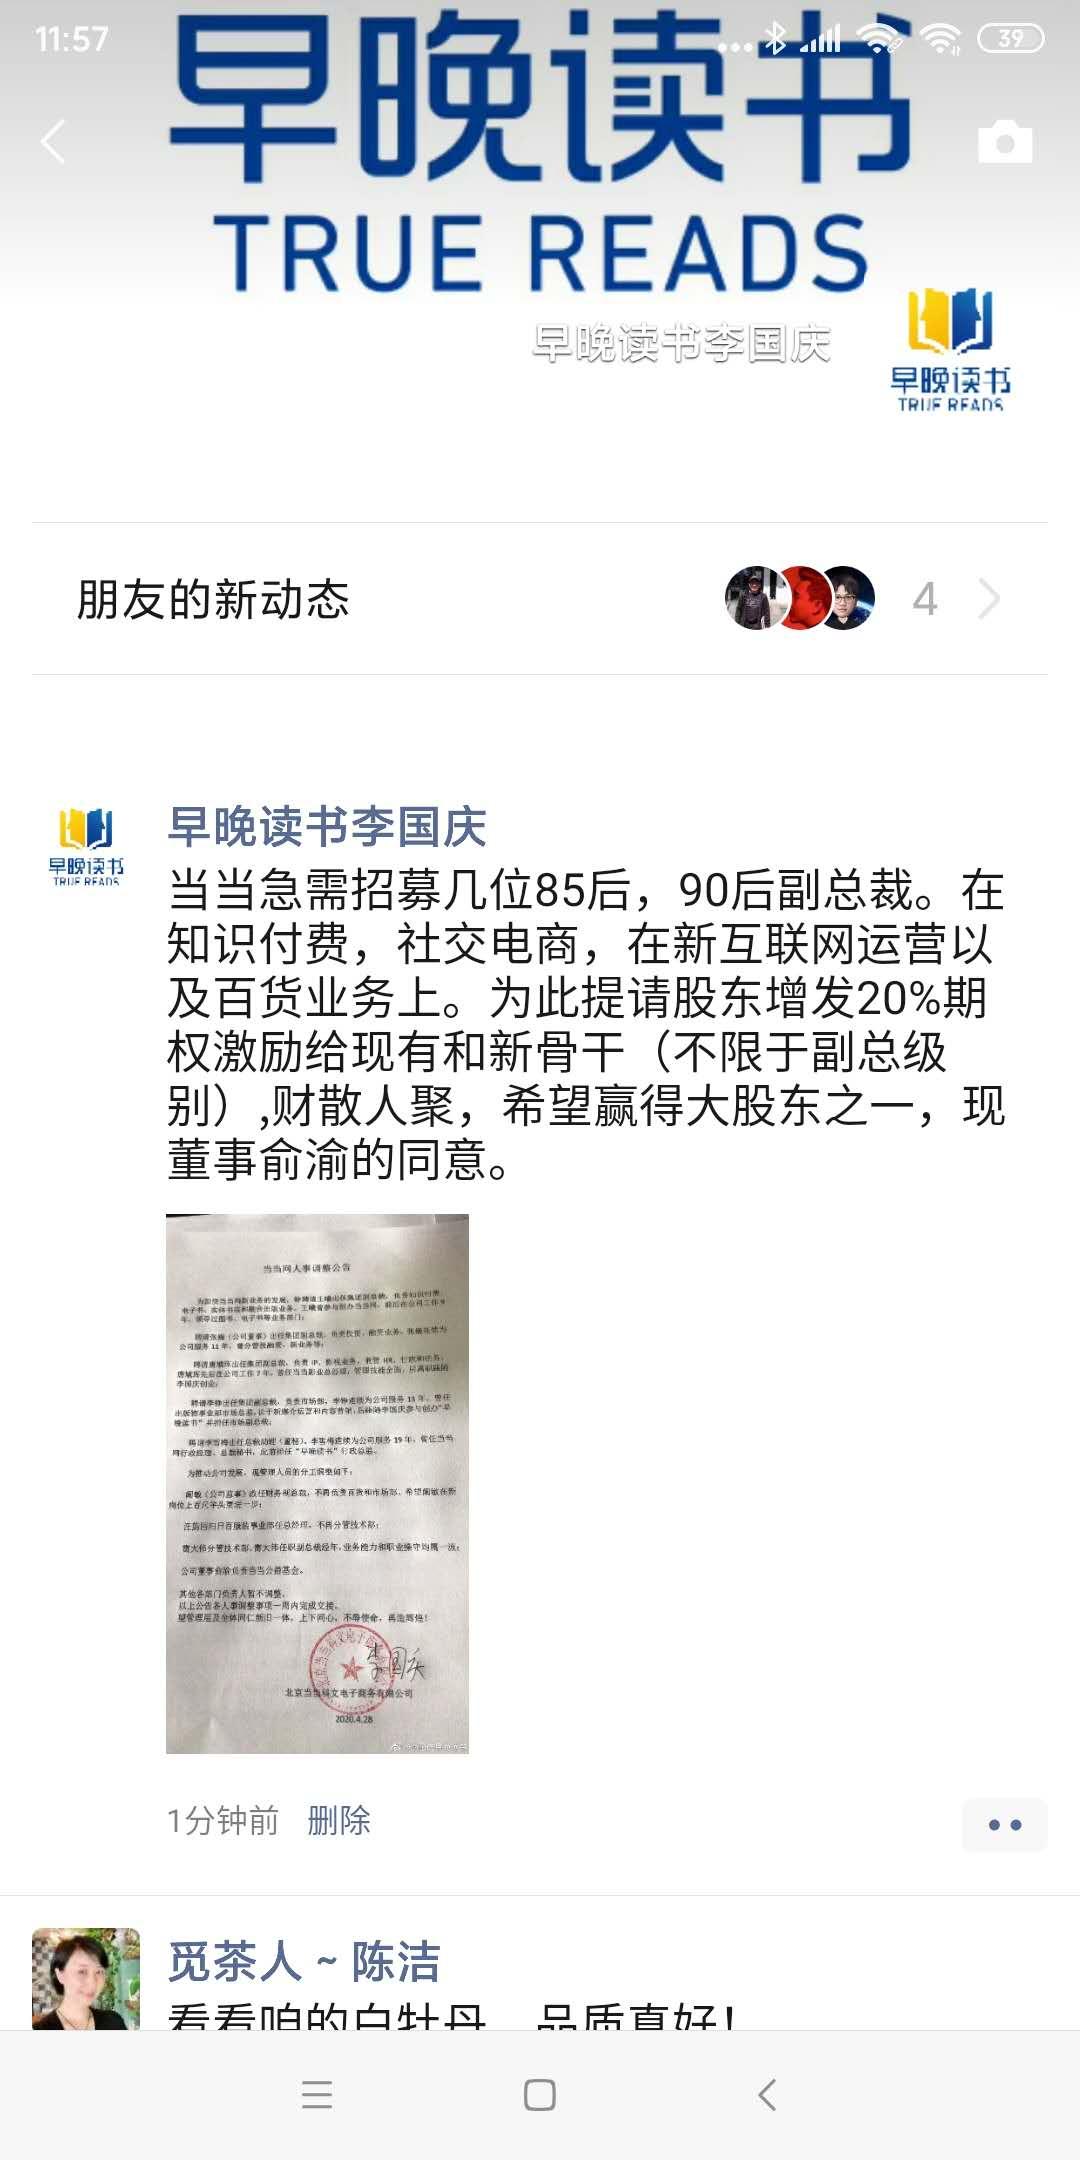 破解中国战疫密码 64个字说清楚了